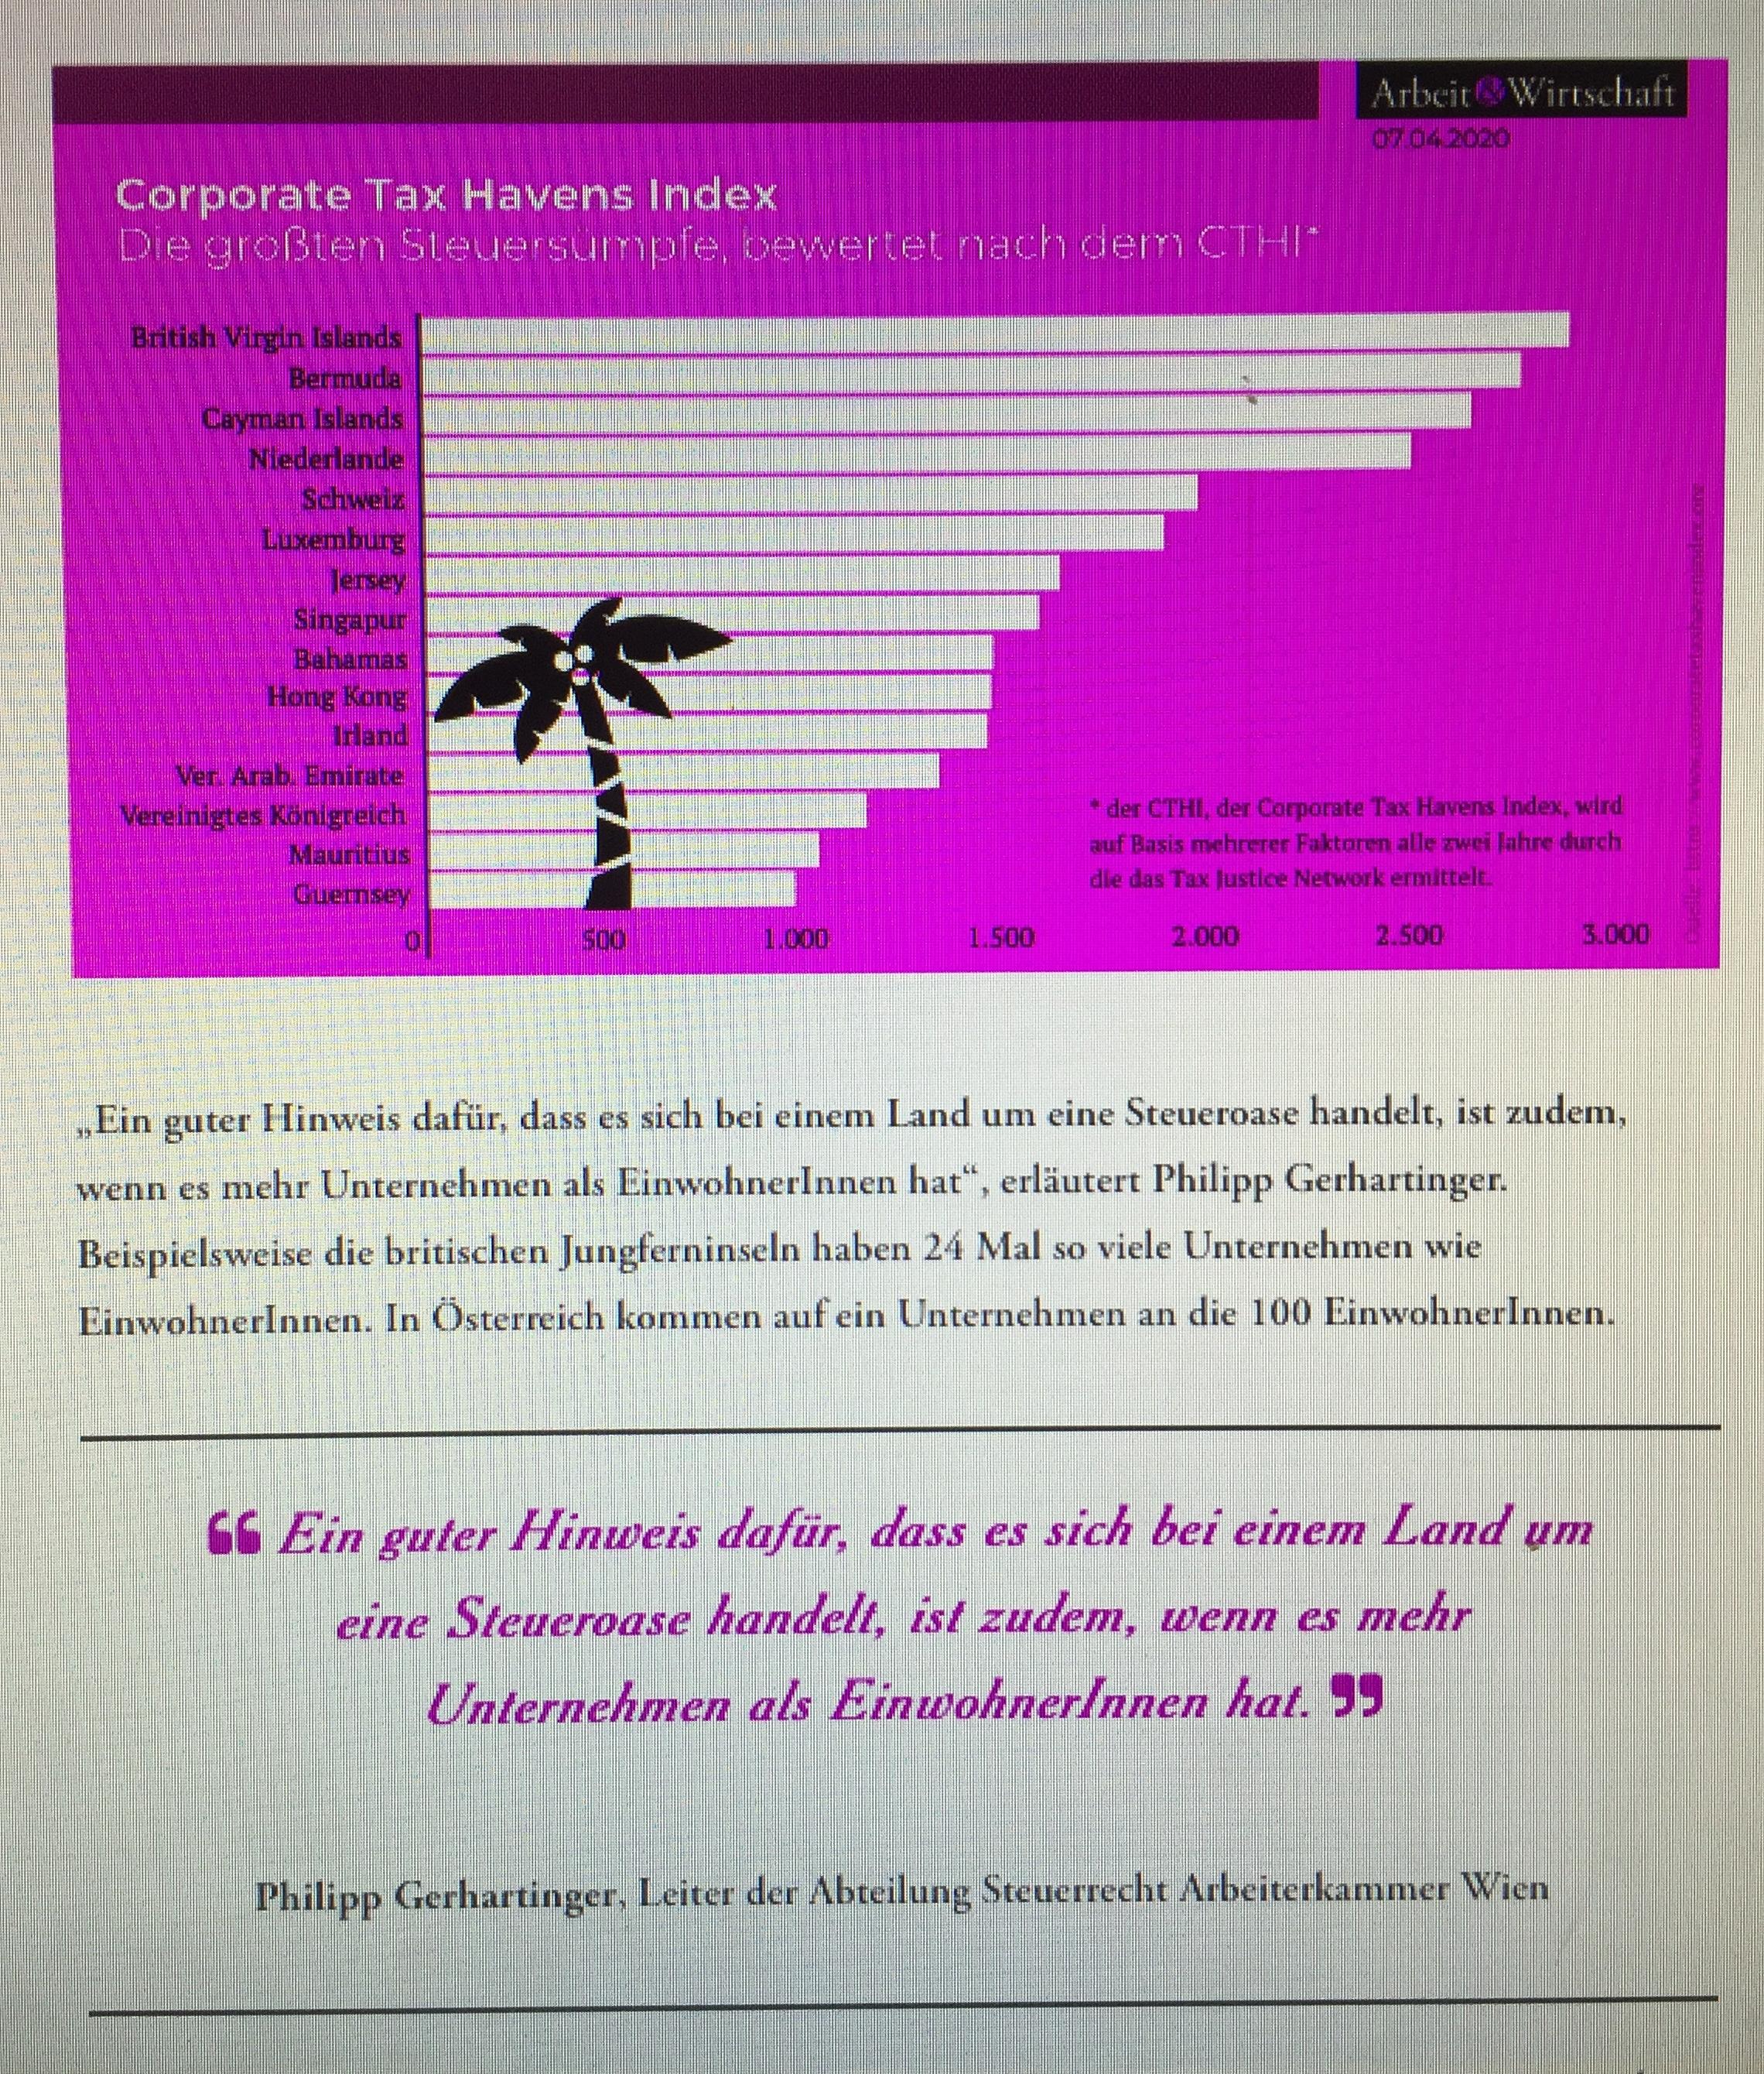 """Konzerne sind schneller im Ausnützen von Steuerschlupflöchern, -oasen und vor allem -sümpfen, als diese von Staaten gestopft oder trockengelegt werden. Die so entgangenen Mittel gehen zu Lasten der ehrlichen SteuerzahlerInnen, ArbeitnehmerInnen wie KonsumentInnen. """"Weite Teile dieser Praktiken mögen zwar legal sein, legitim sind sie jedoch nicht; sie unterlaufen immer häufiger die Intentionen der Gesetzgeber"""", so Philipp Gerhartinger, Leiter der Abteilung Steuerrecht in der Arbeiterkammer Wien. Von  Heike Hausensteiner (8.4.2020 auf arbeit-wirtschaft.at); Verena Daum www.progression.at"""